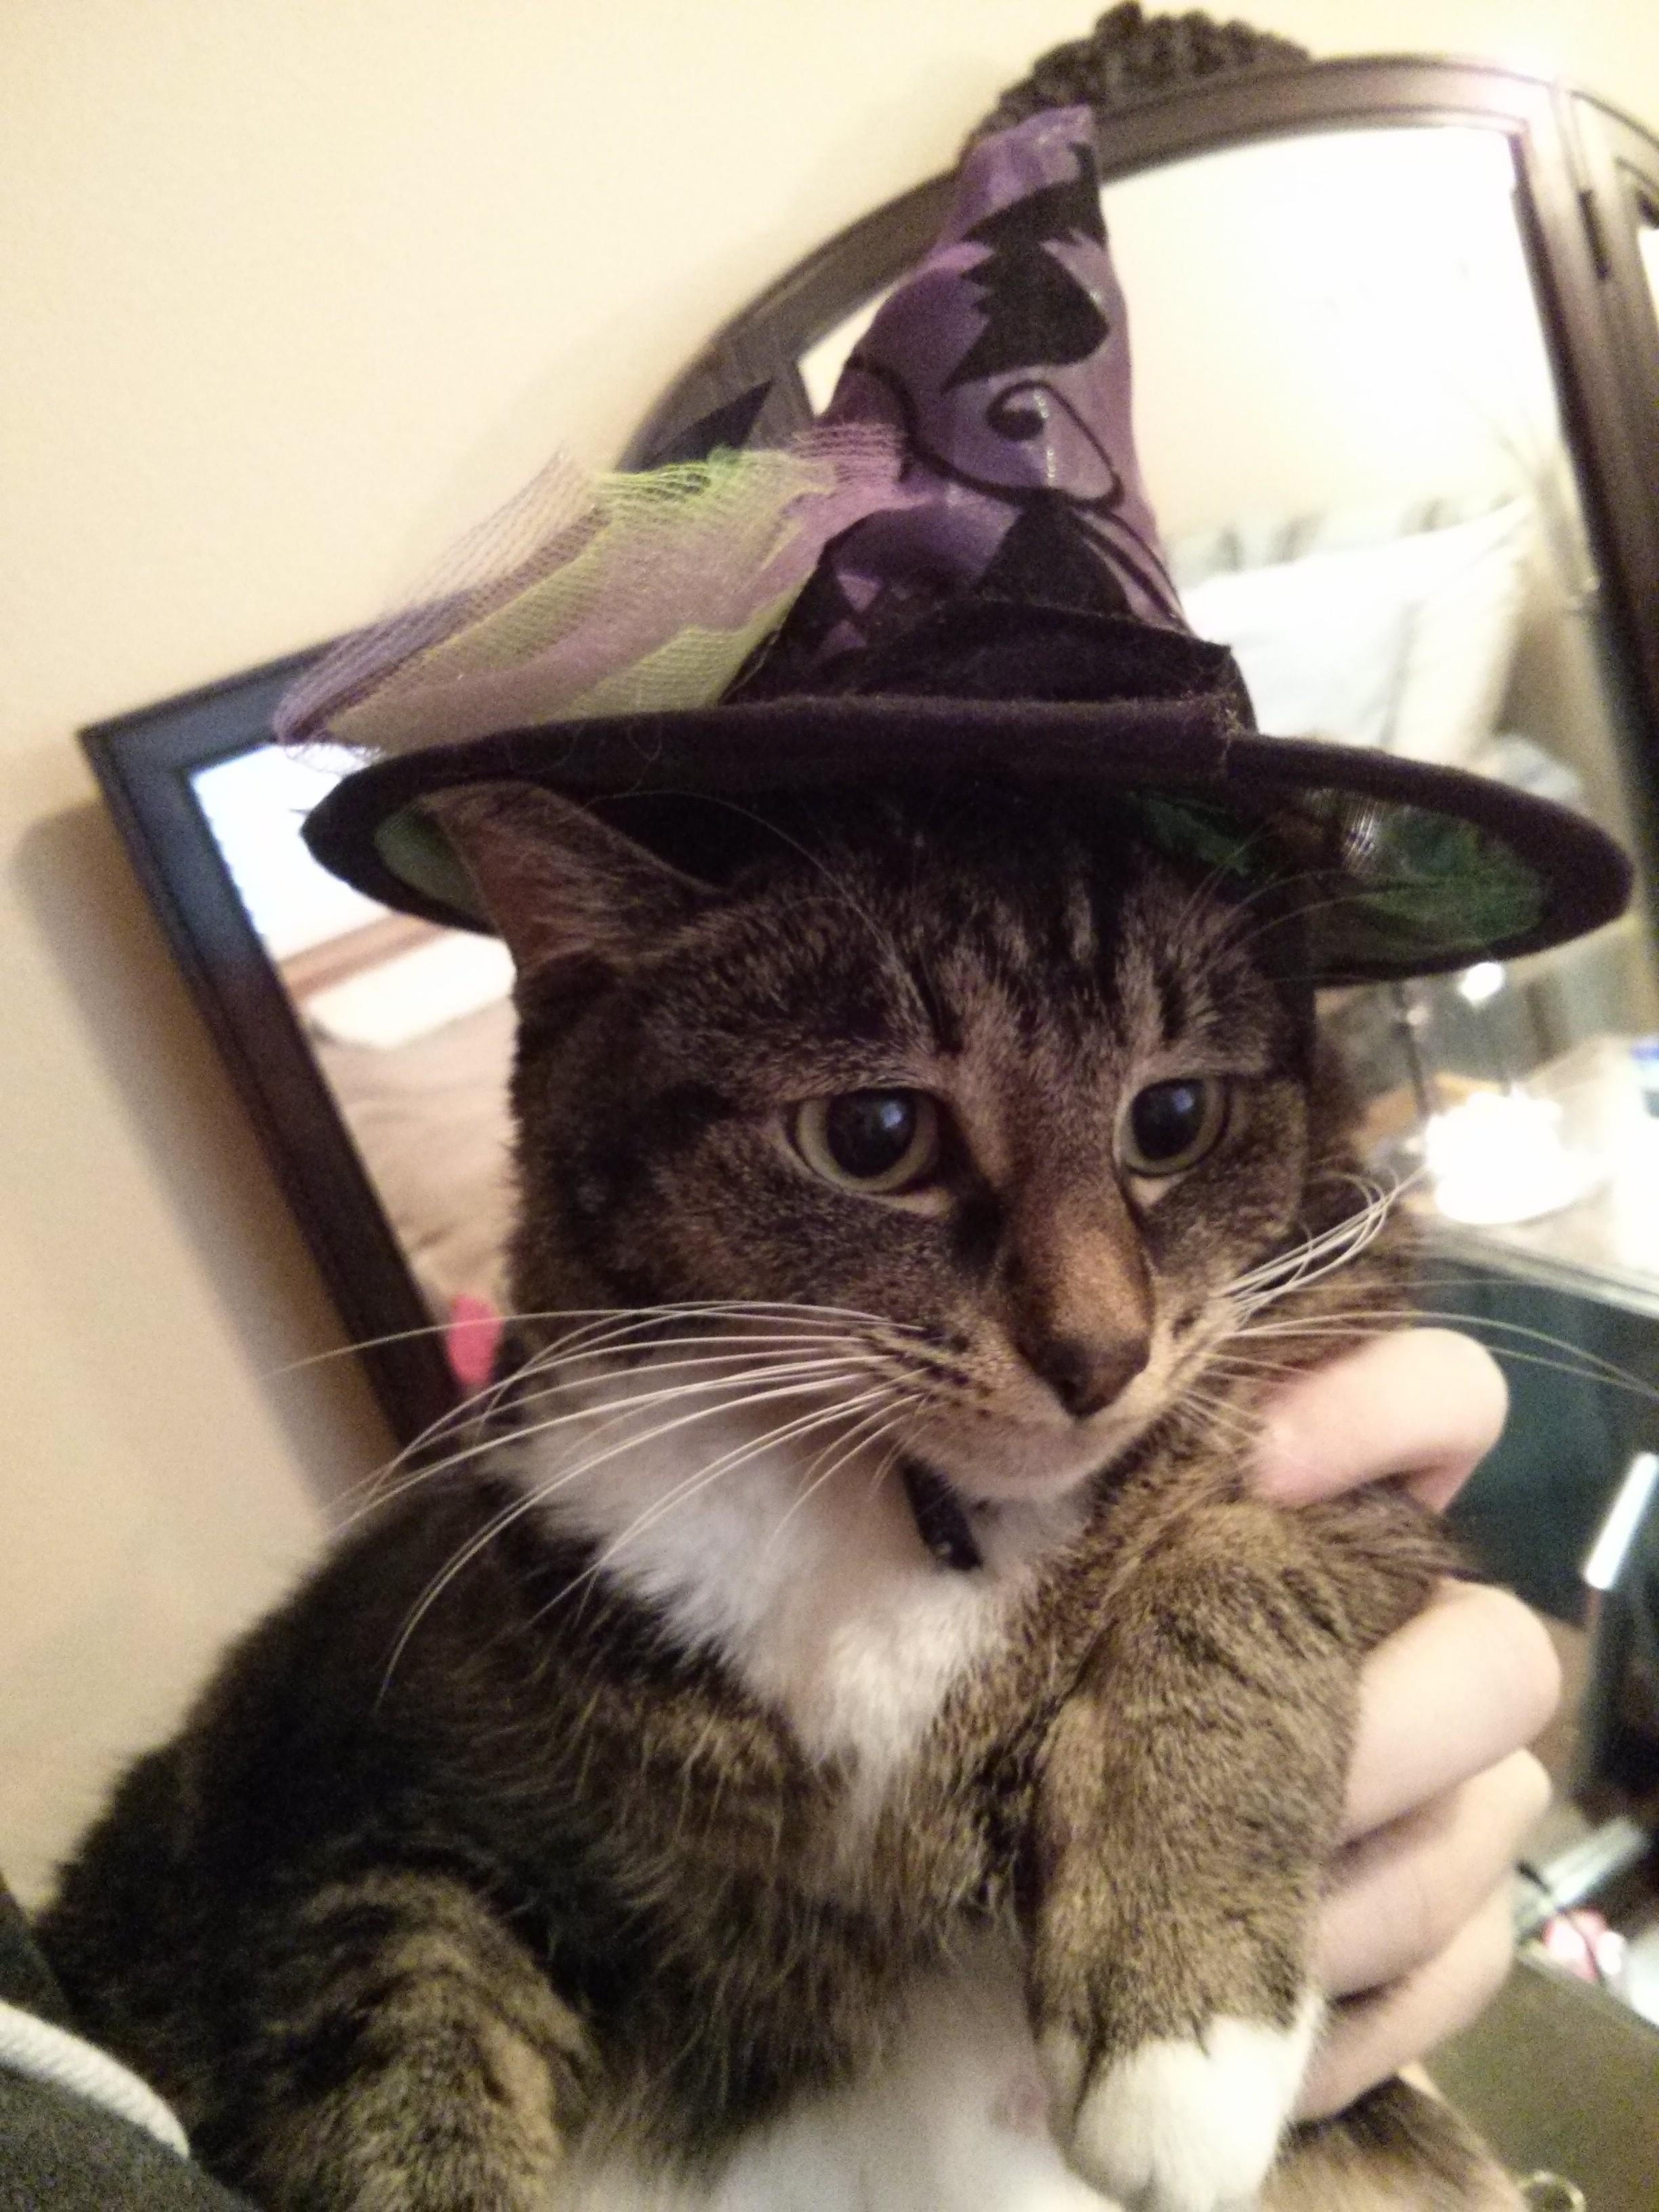 HALLOWEEN: Inlander staff cats in costume | Bloglander